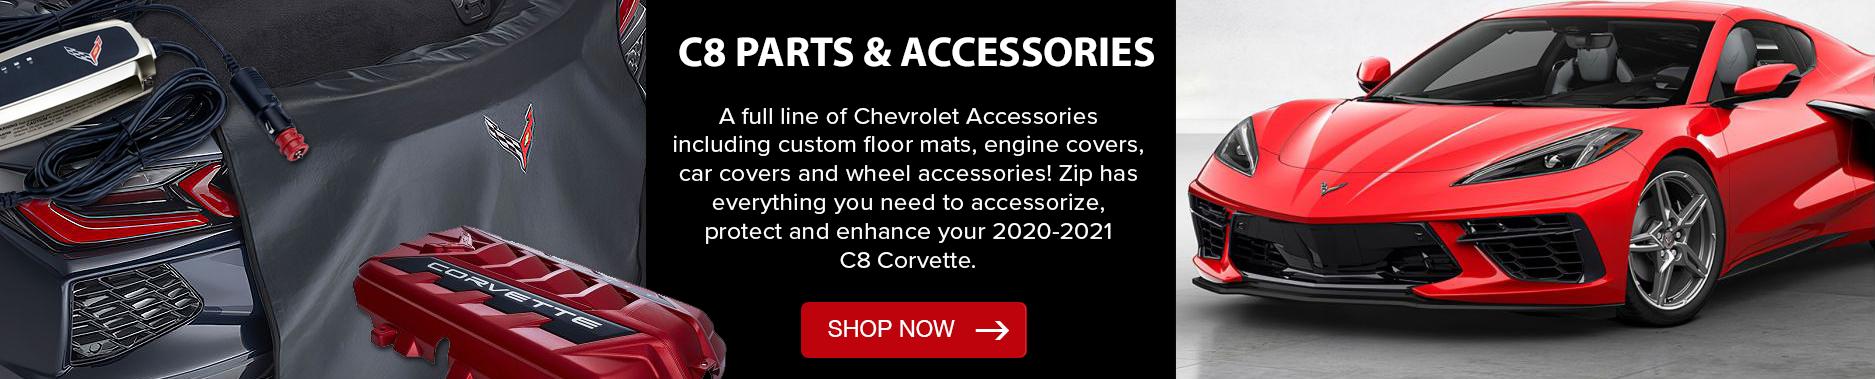 C8 Parts & Accessories